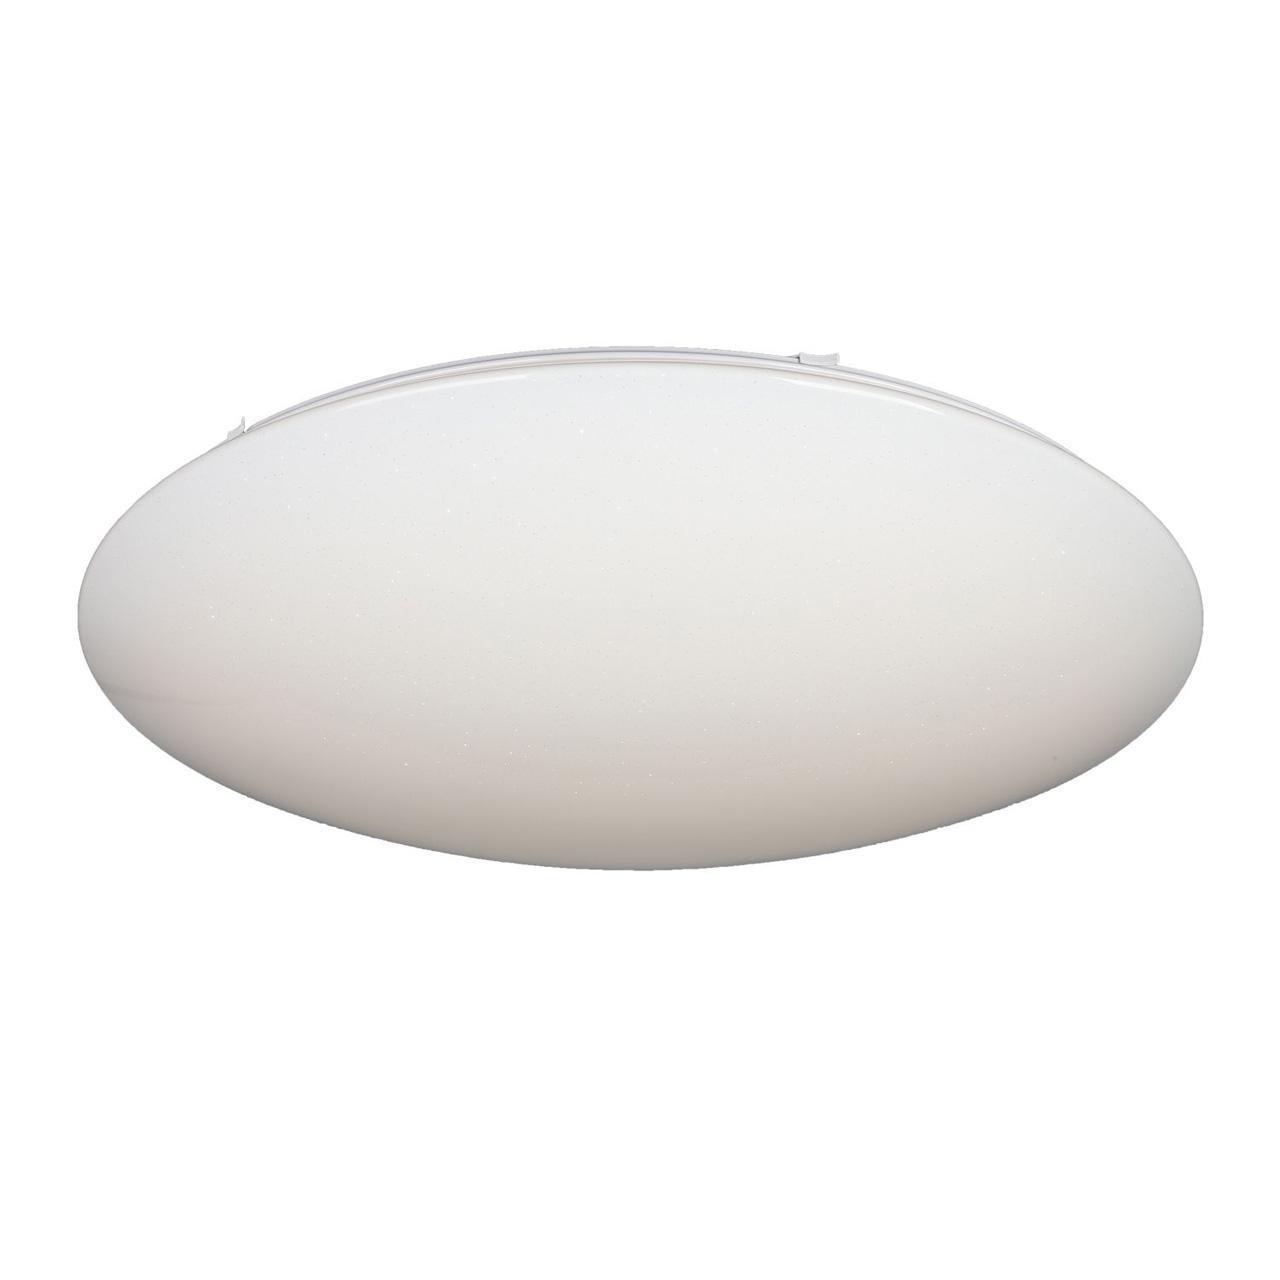 Потолочный светодиодный светильник Omnilux OML-43007-80 omnilux потолочный светильник omnilux ice crystal oml 47217 80